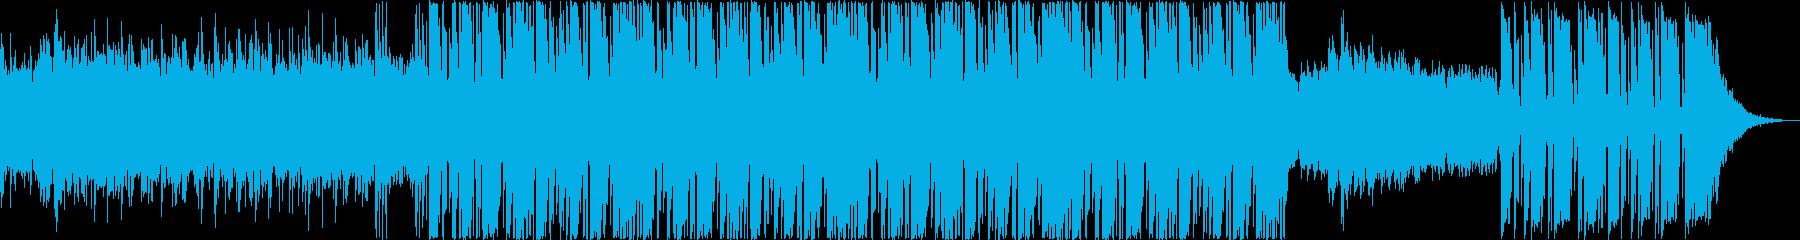 実験的。エフェクトとシンセとピアノ...の再生済みの波形